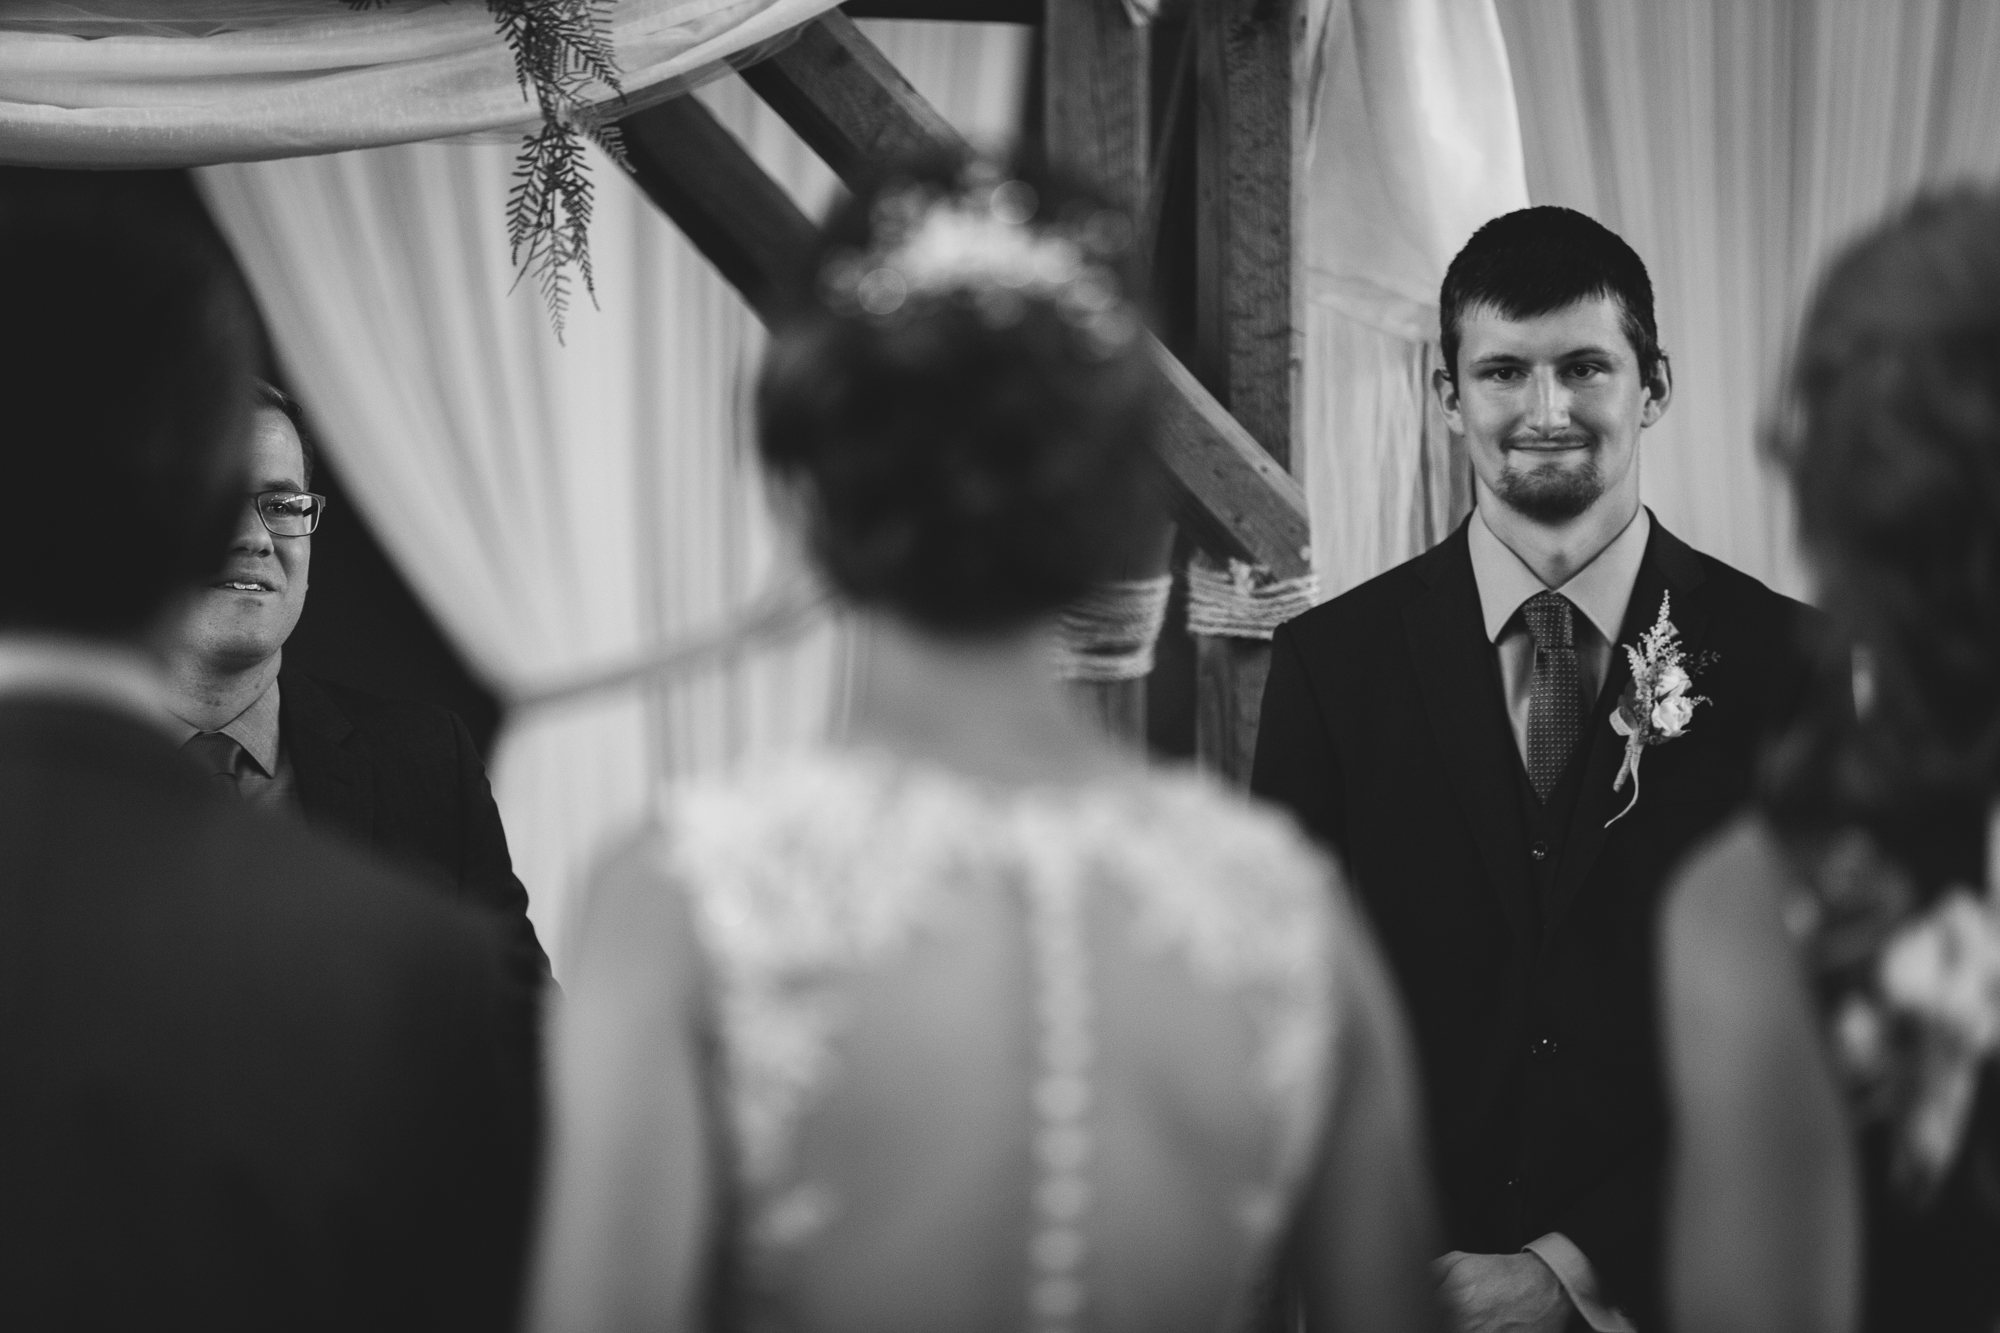 Deanna-Rachel-Photography-calgary-Wedding-photographer-jm-22.jpg